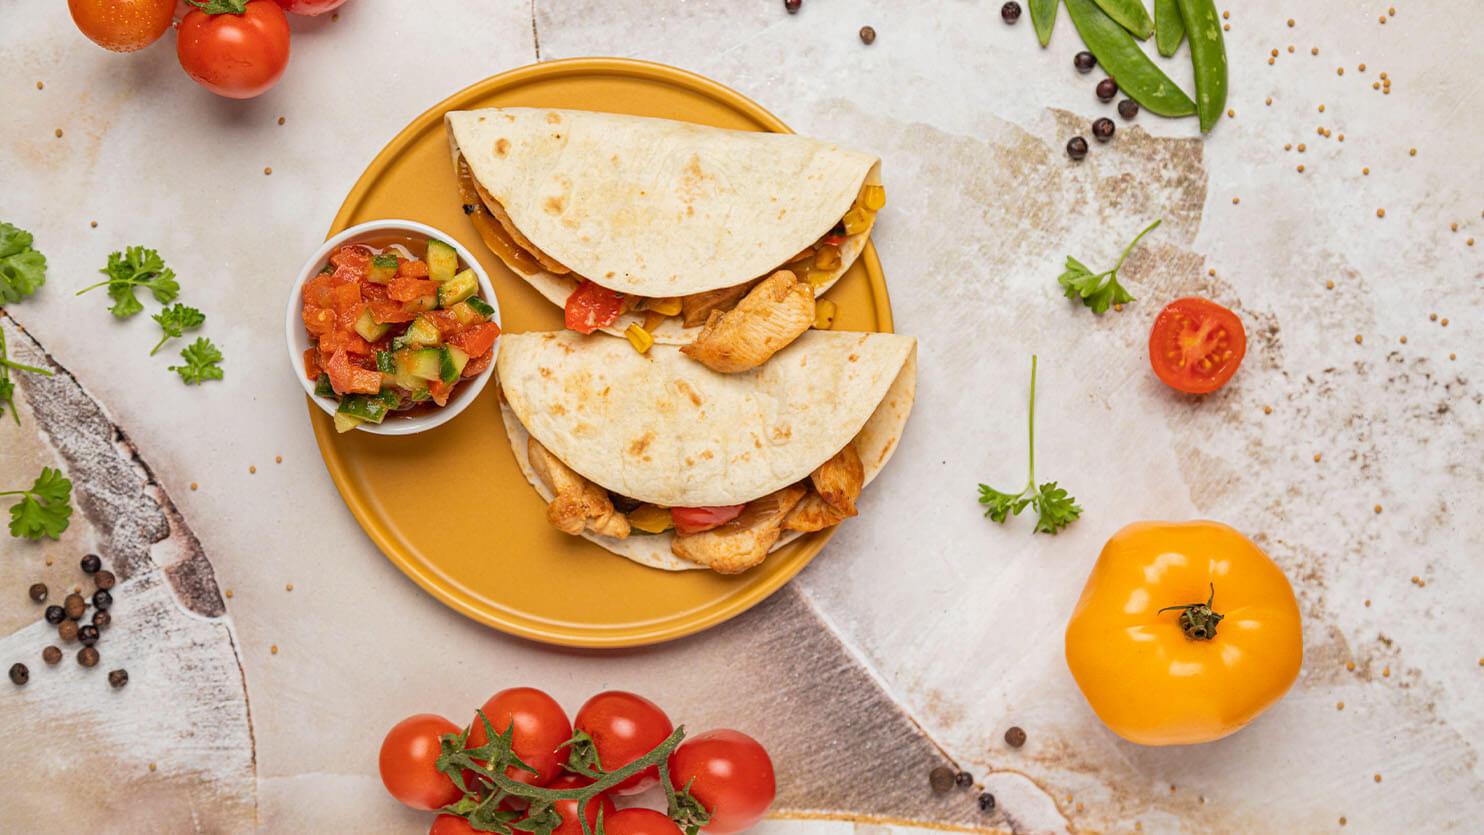 Meksykańskie tacos z grillowanym kurczakiem i sosem salsa